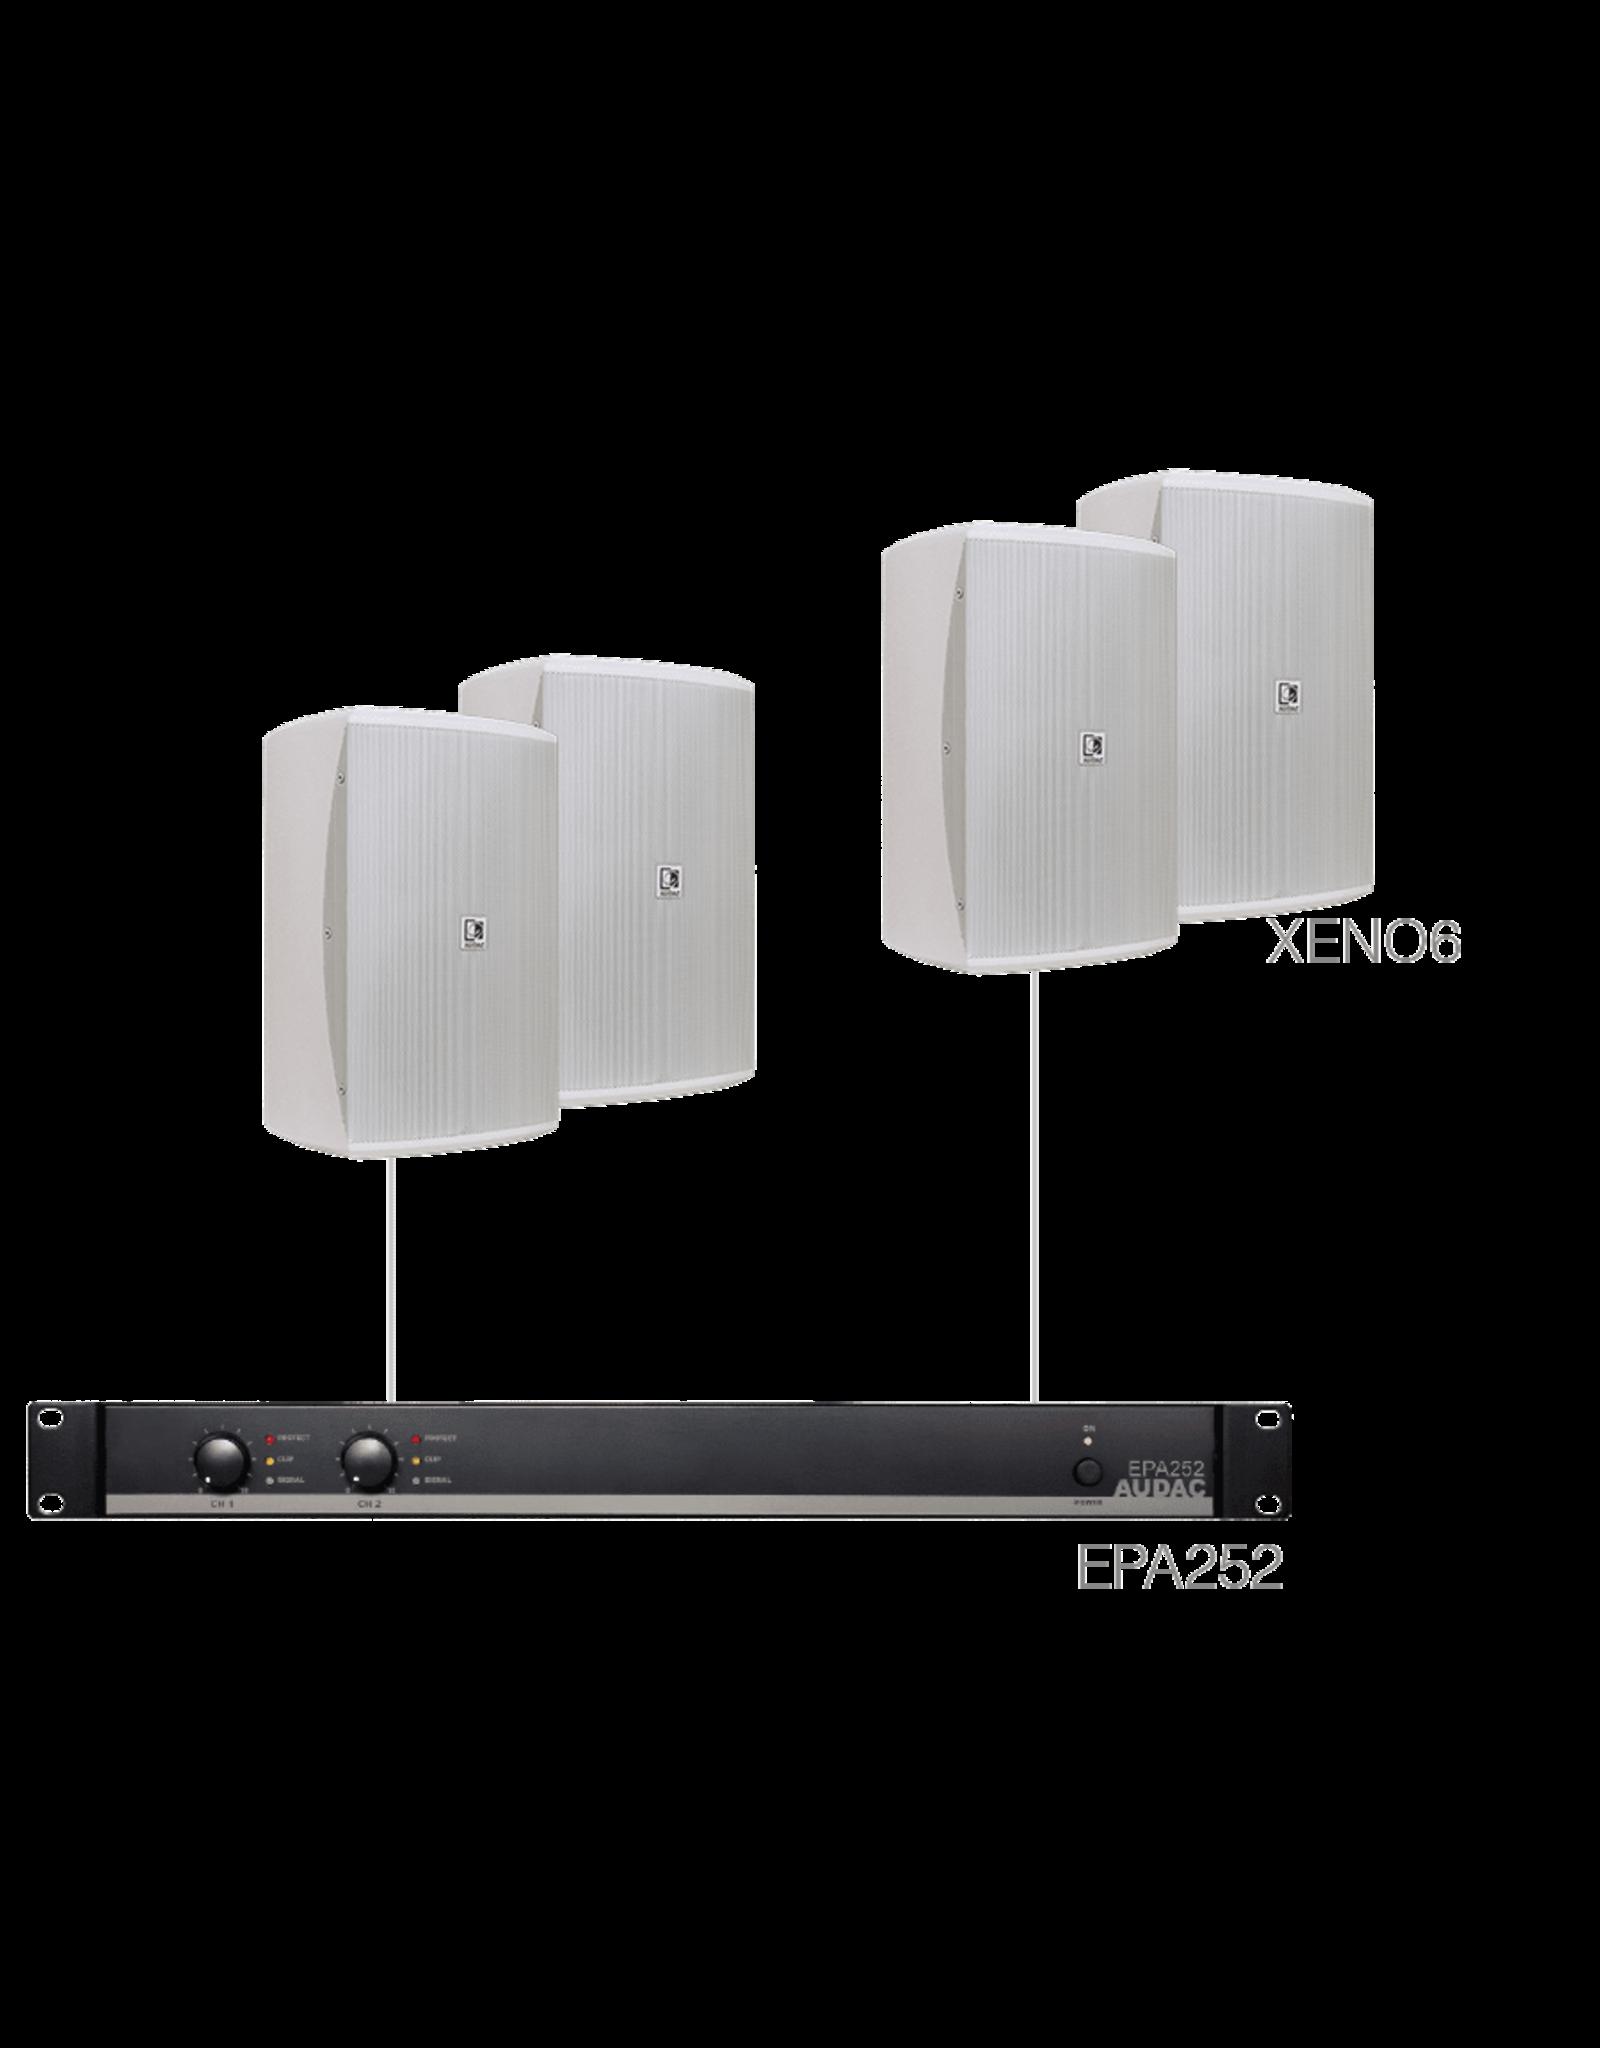 Audac 4 x XENO6 + EPA252 White